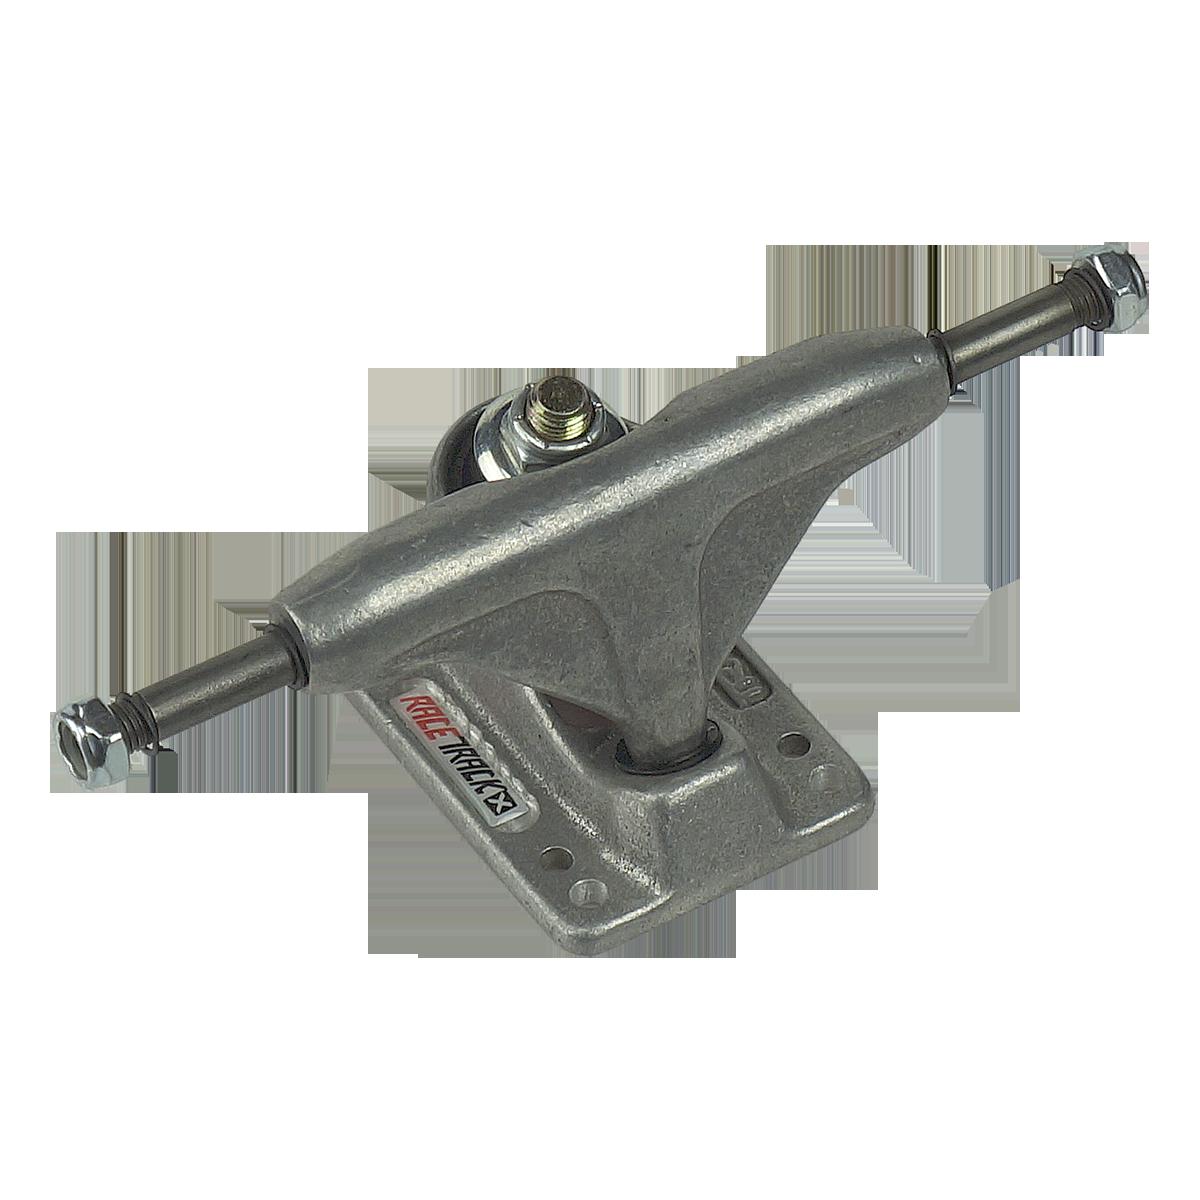 RACETRACK X / 106mm - 7.00 axle